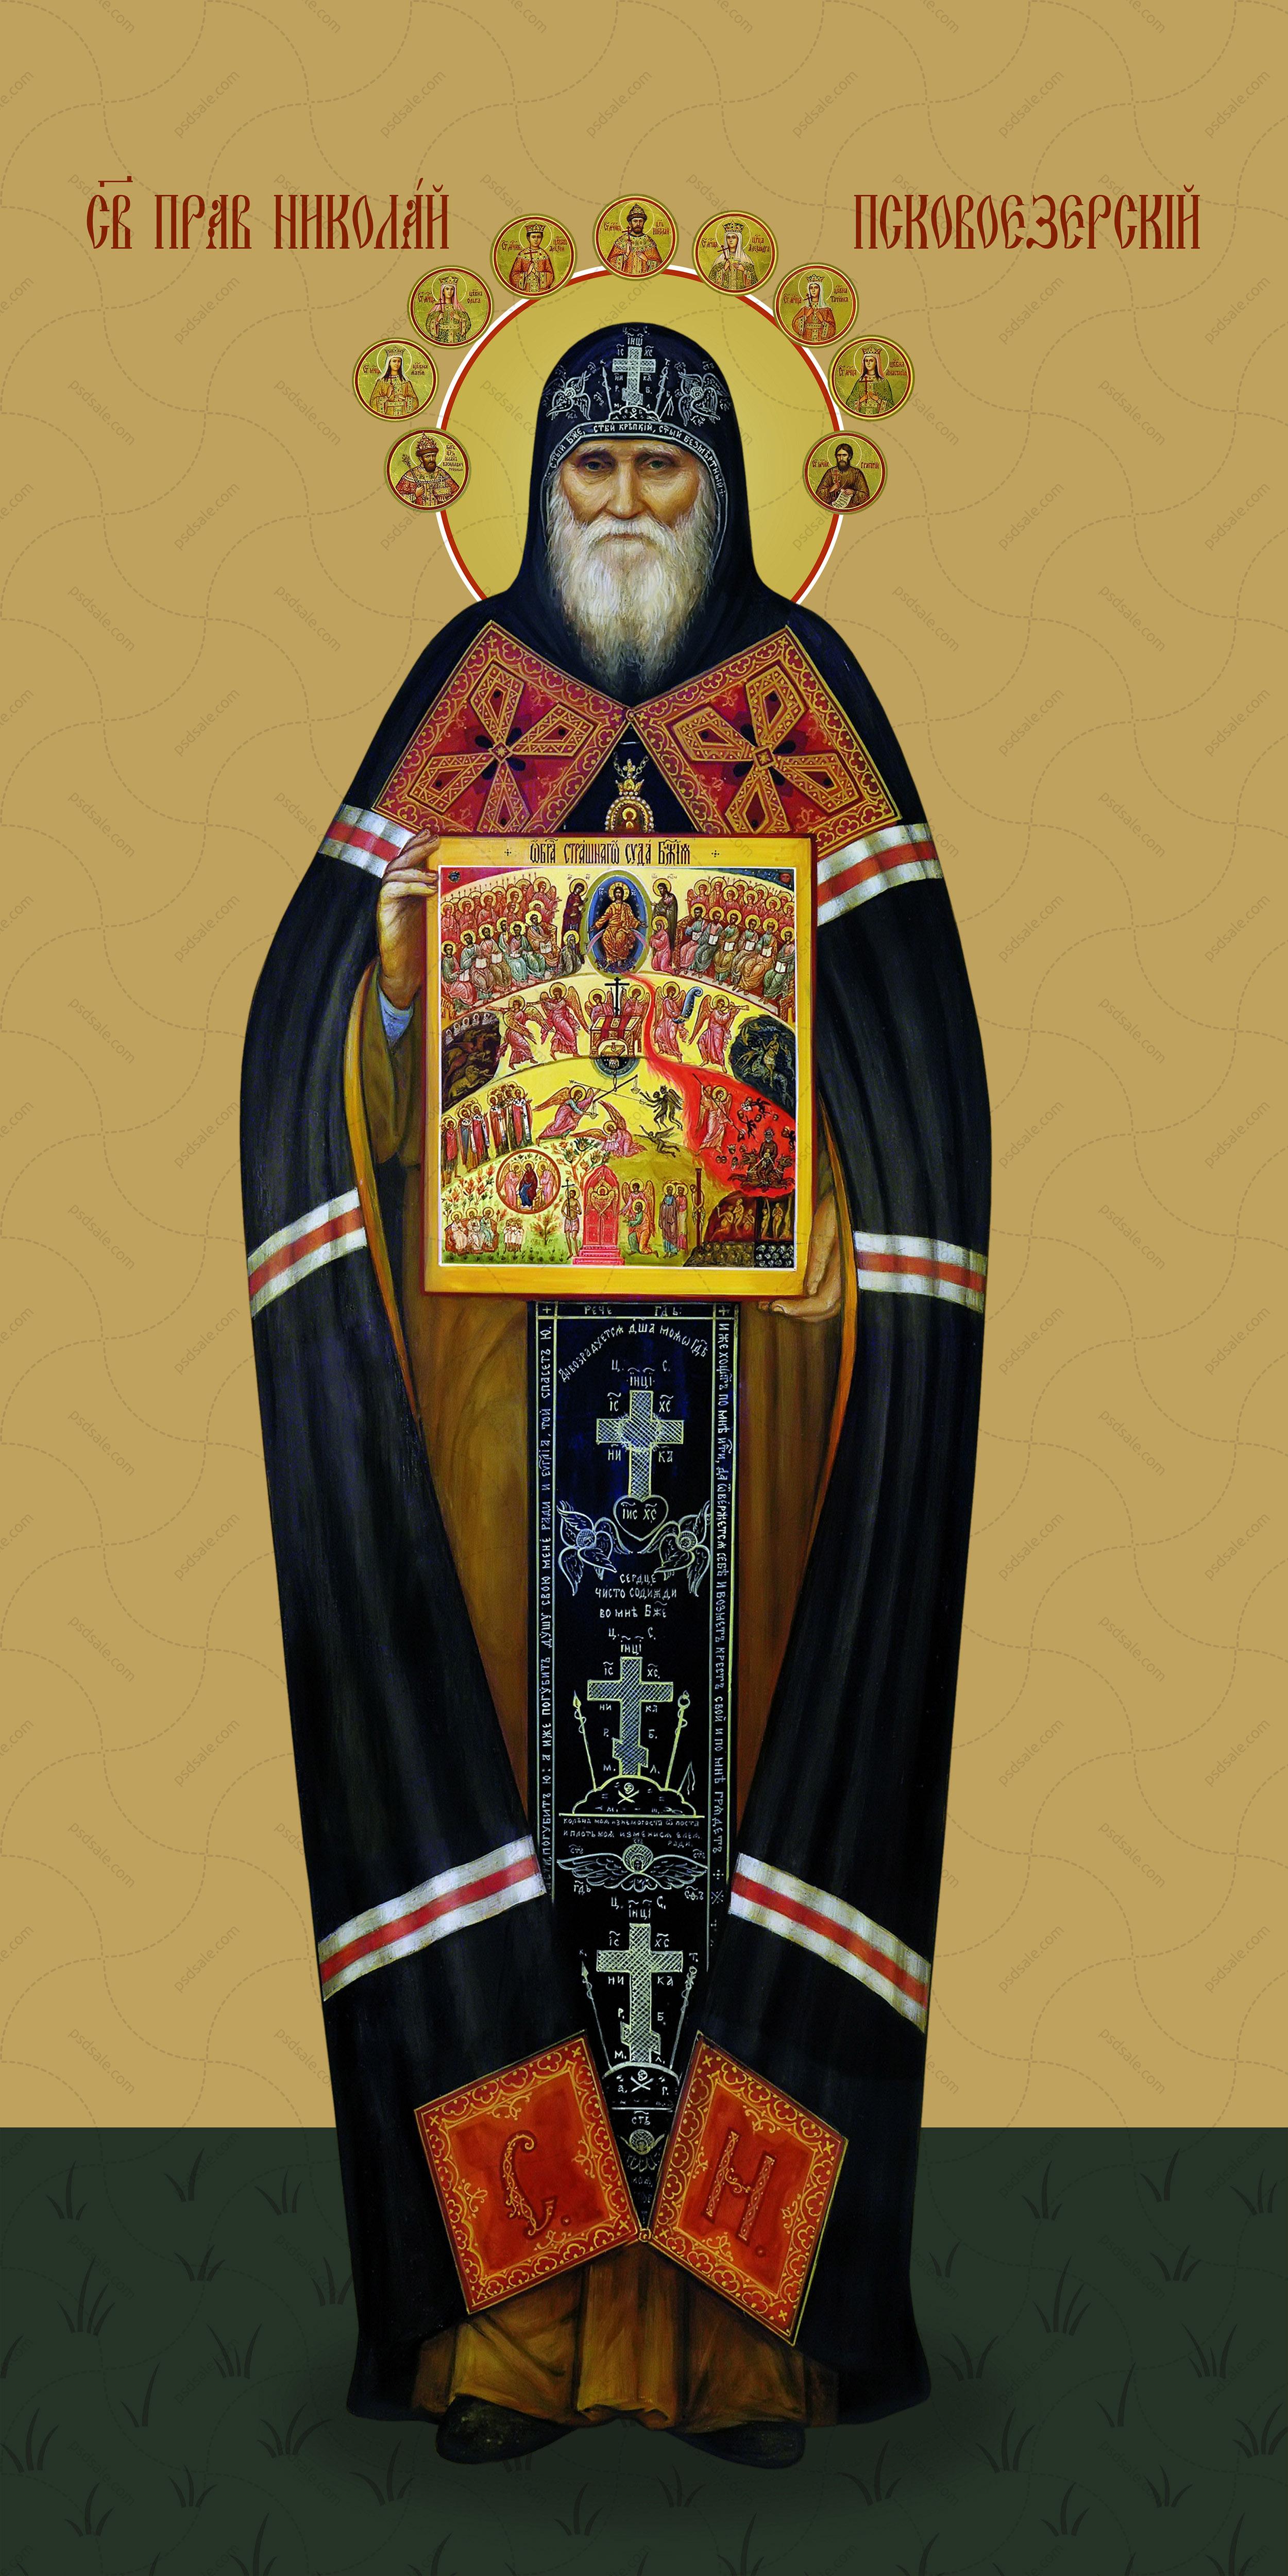 Мерная икона, Николай Псковоезерский, праведный